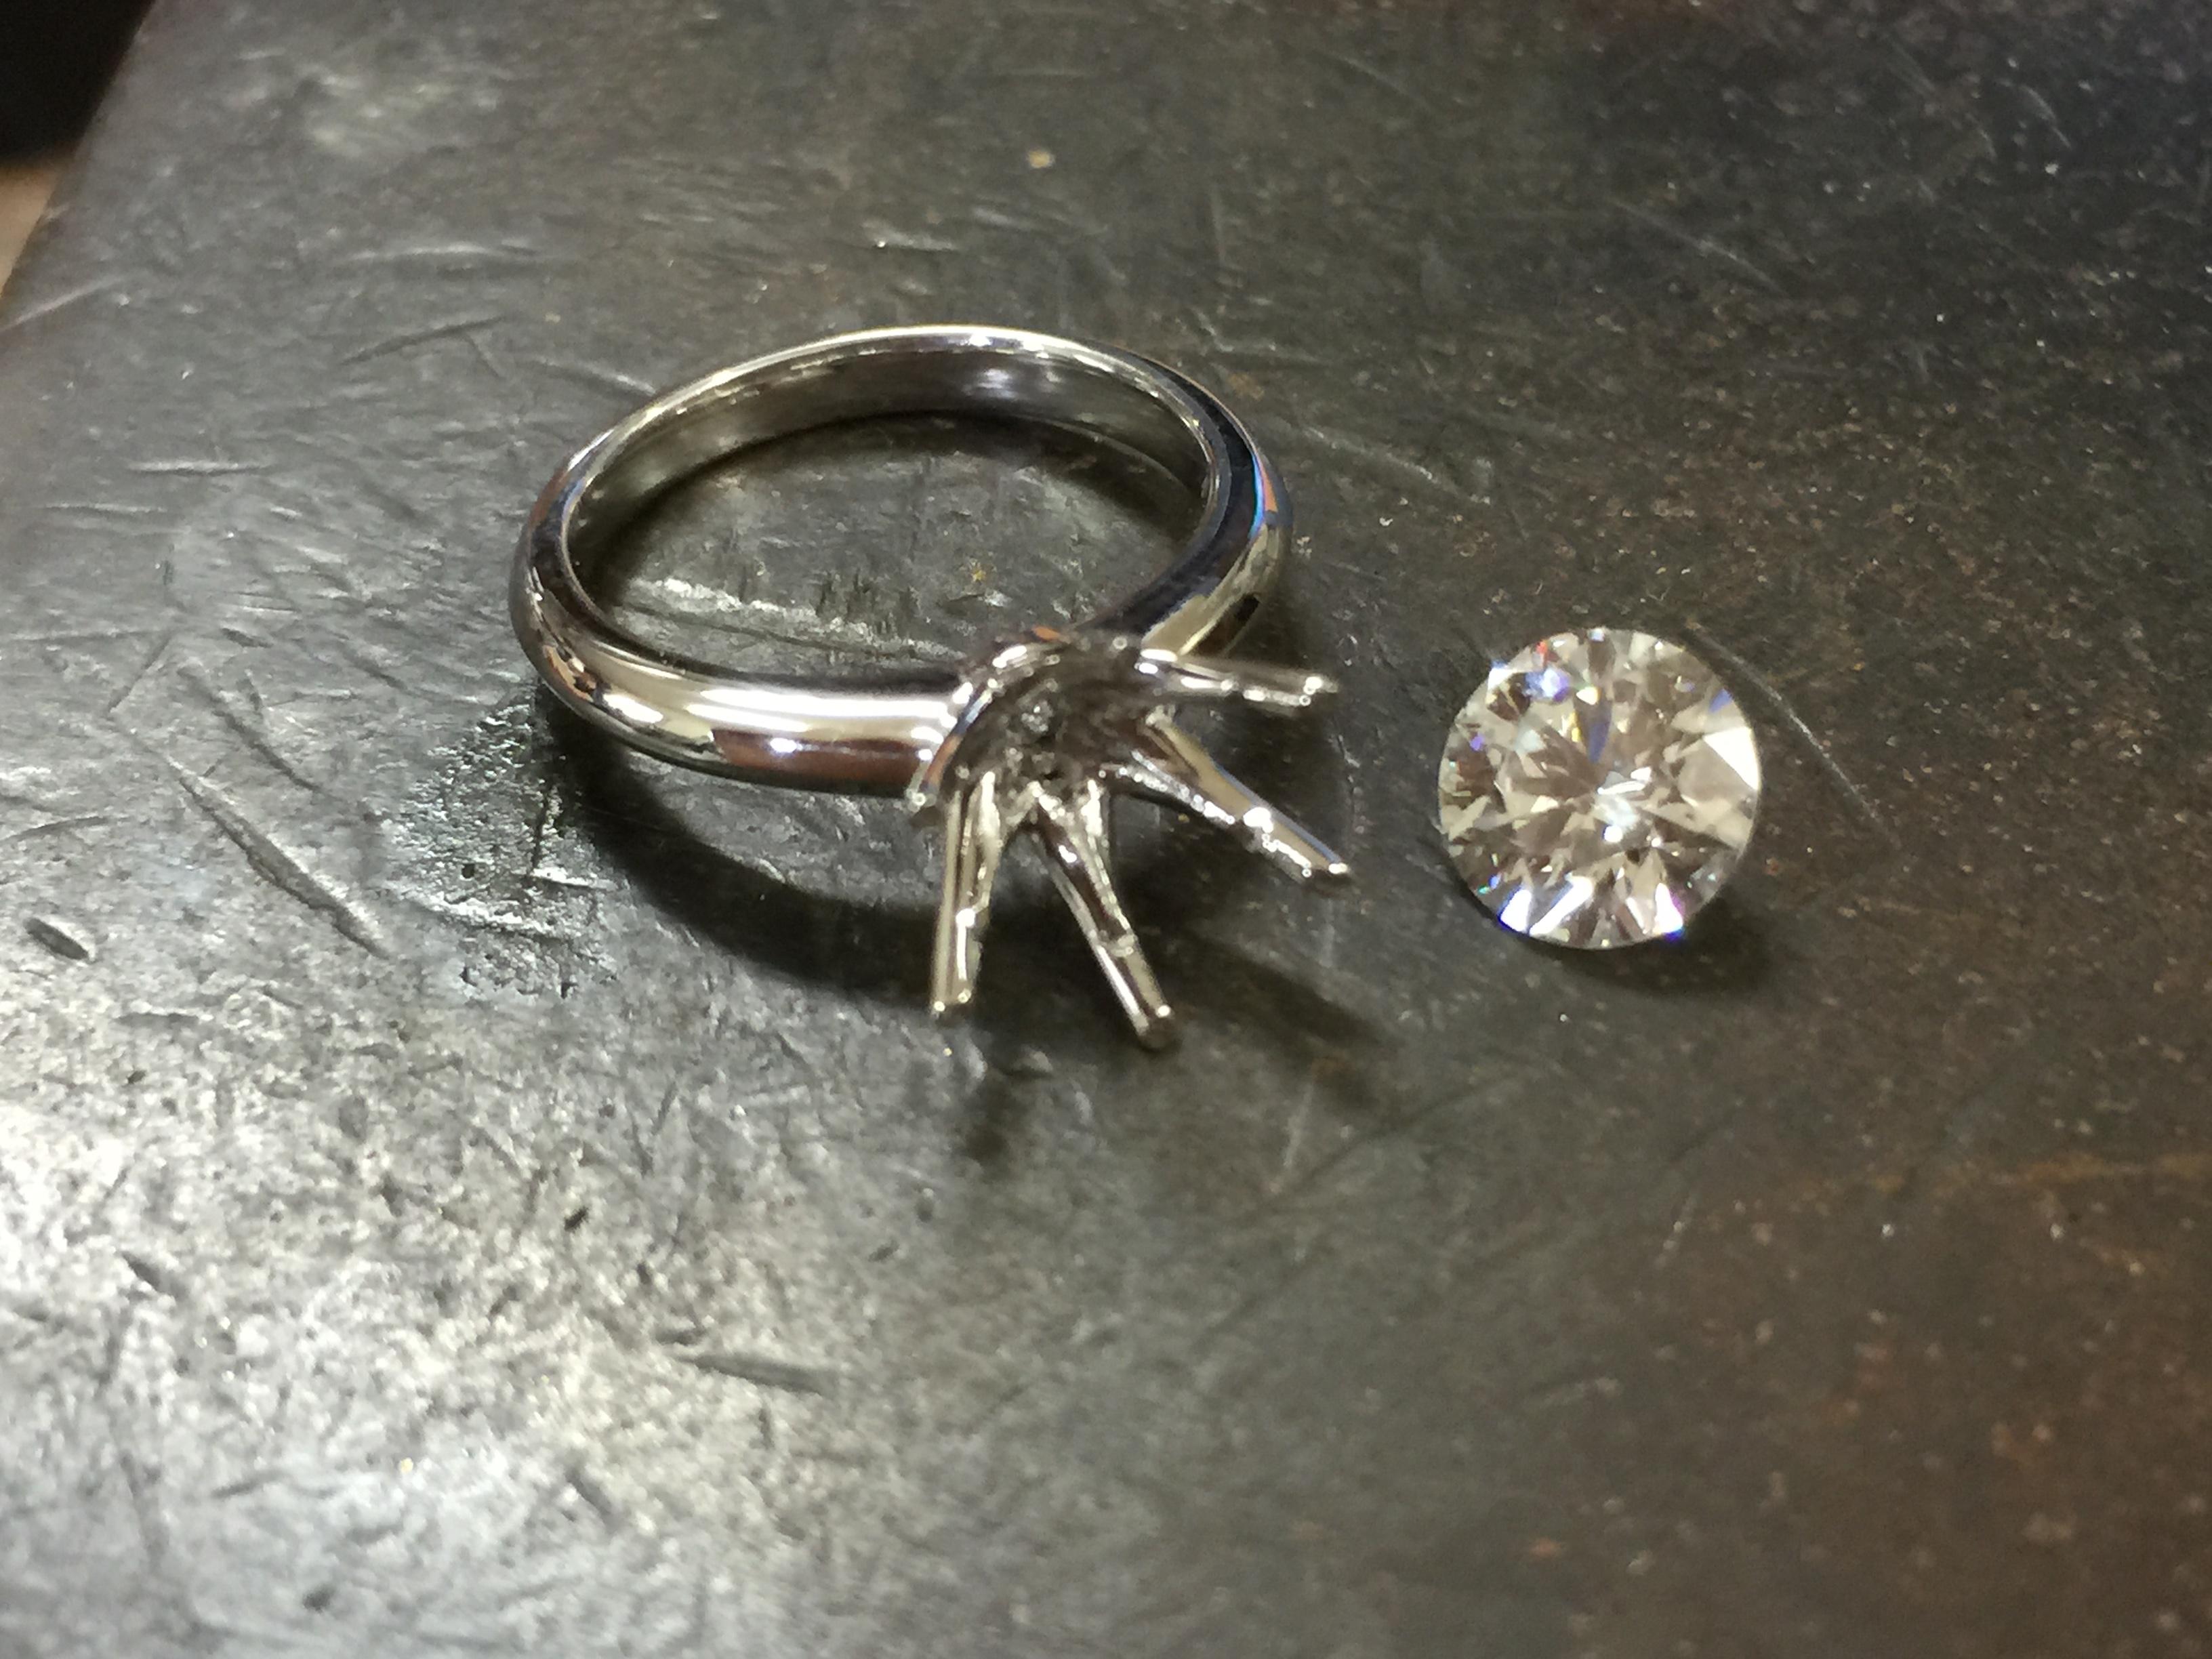 1.5ctの大粒ダイヤ ご希望のリングになるようにシェイプを重ねてつくったオリジナルです。